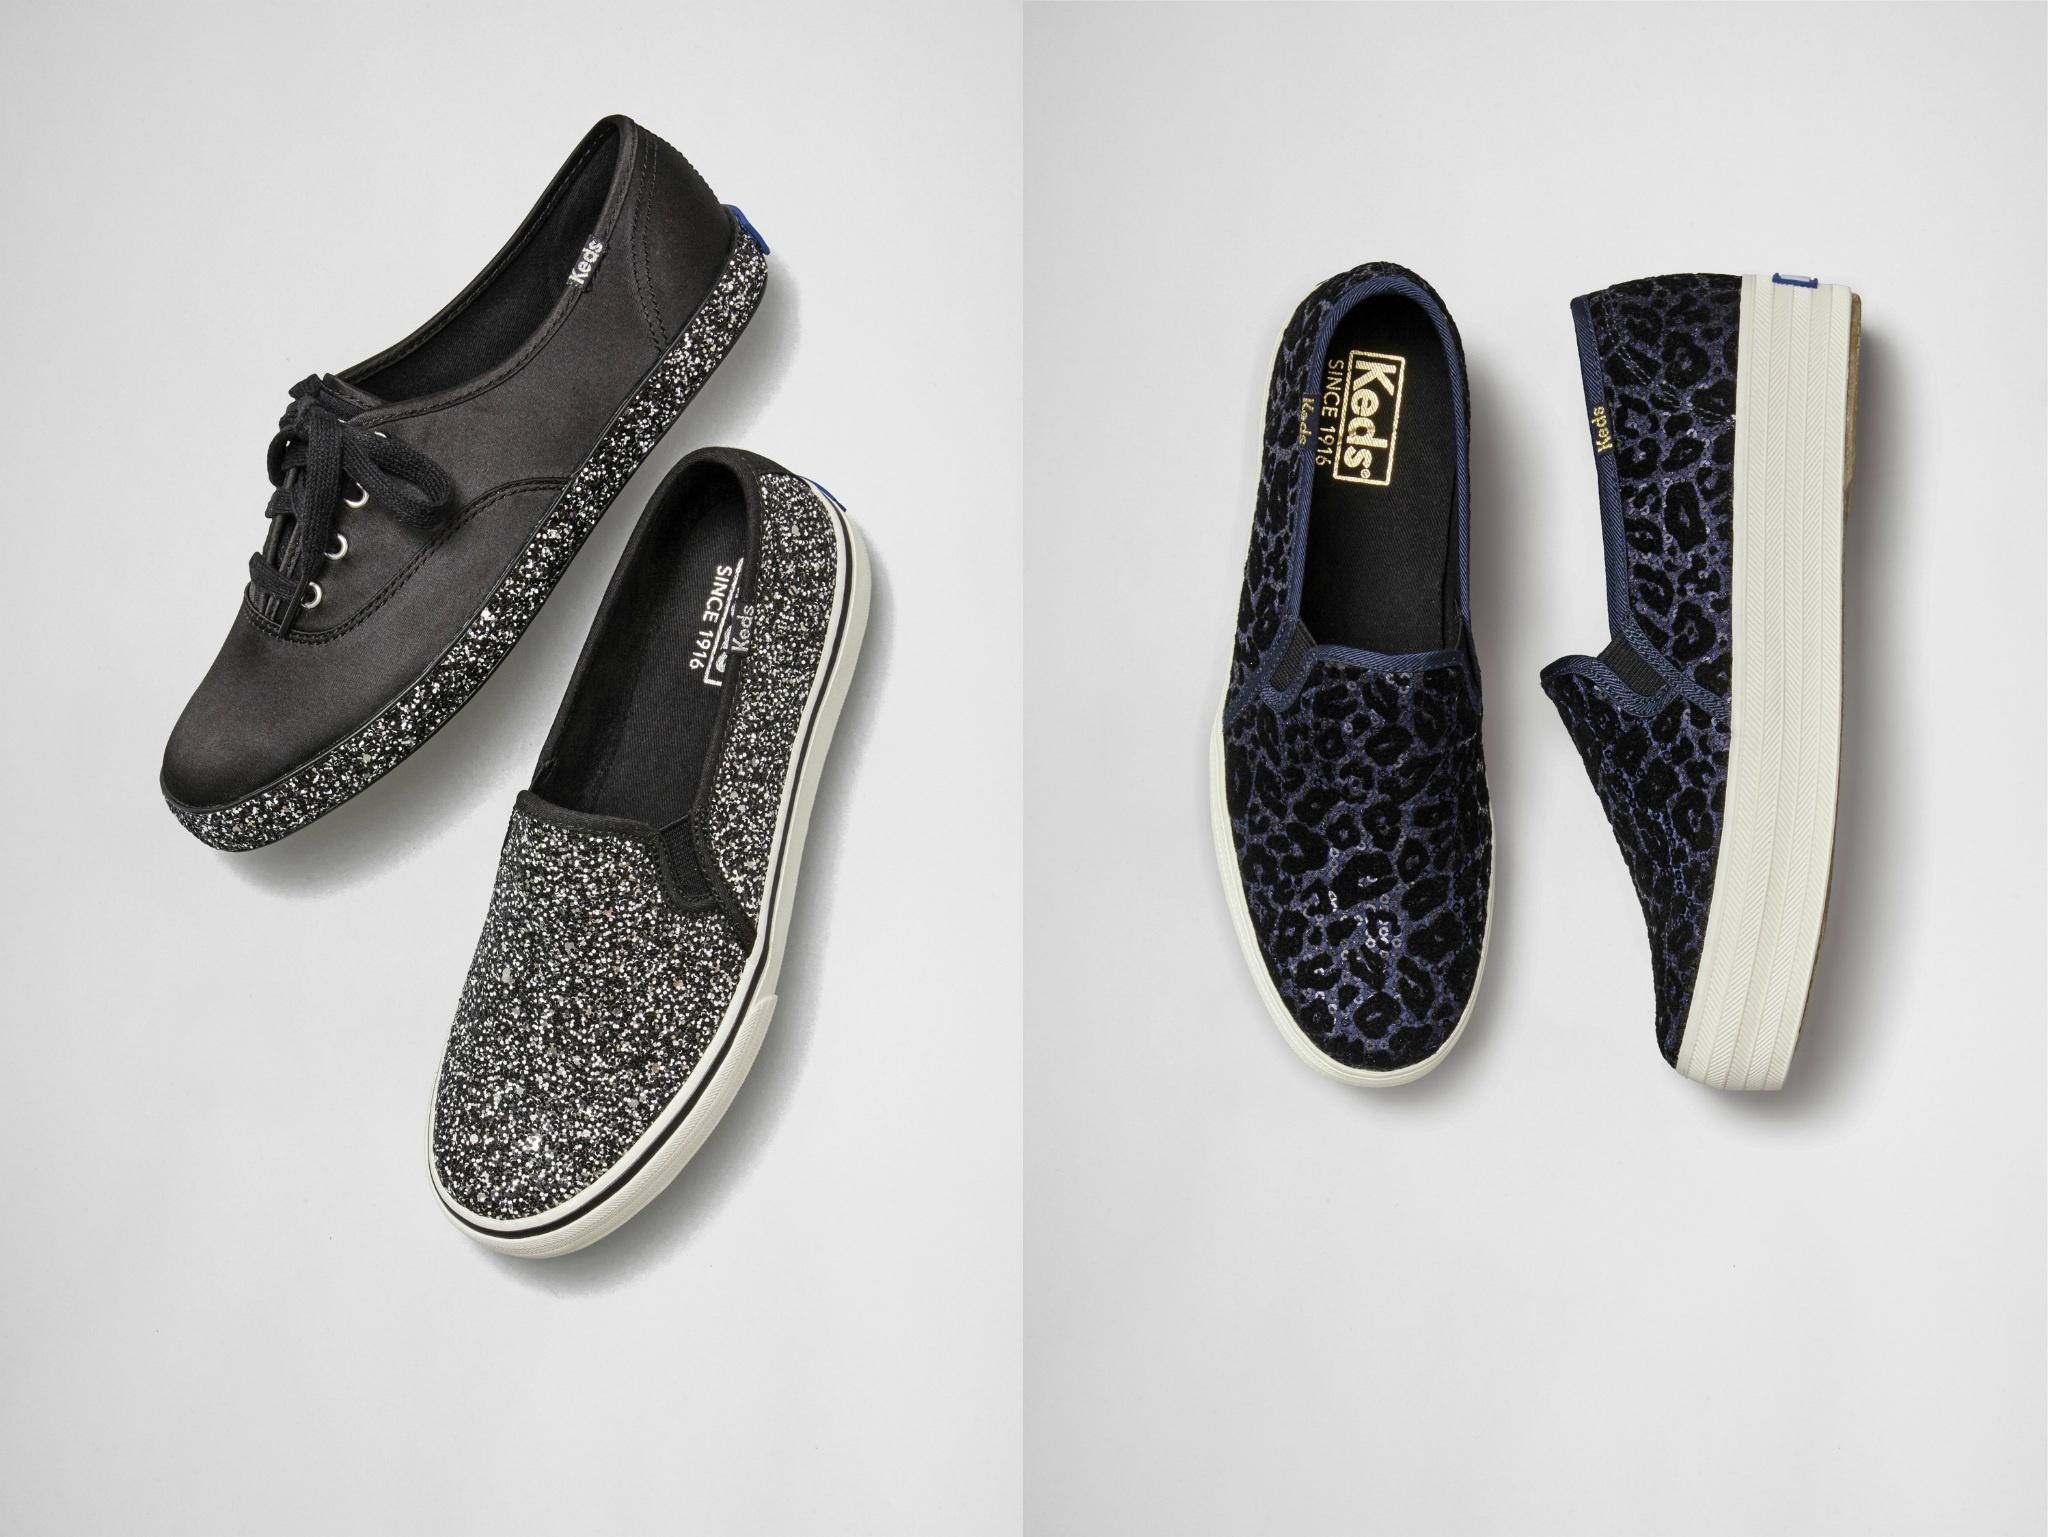 经典的鞋款,换上时尚粗花呢格纹面料,交织金属色系织线,内敛沉稳中透